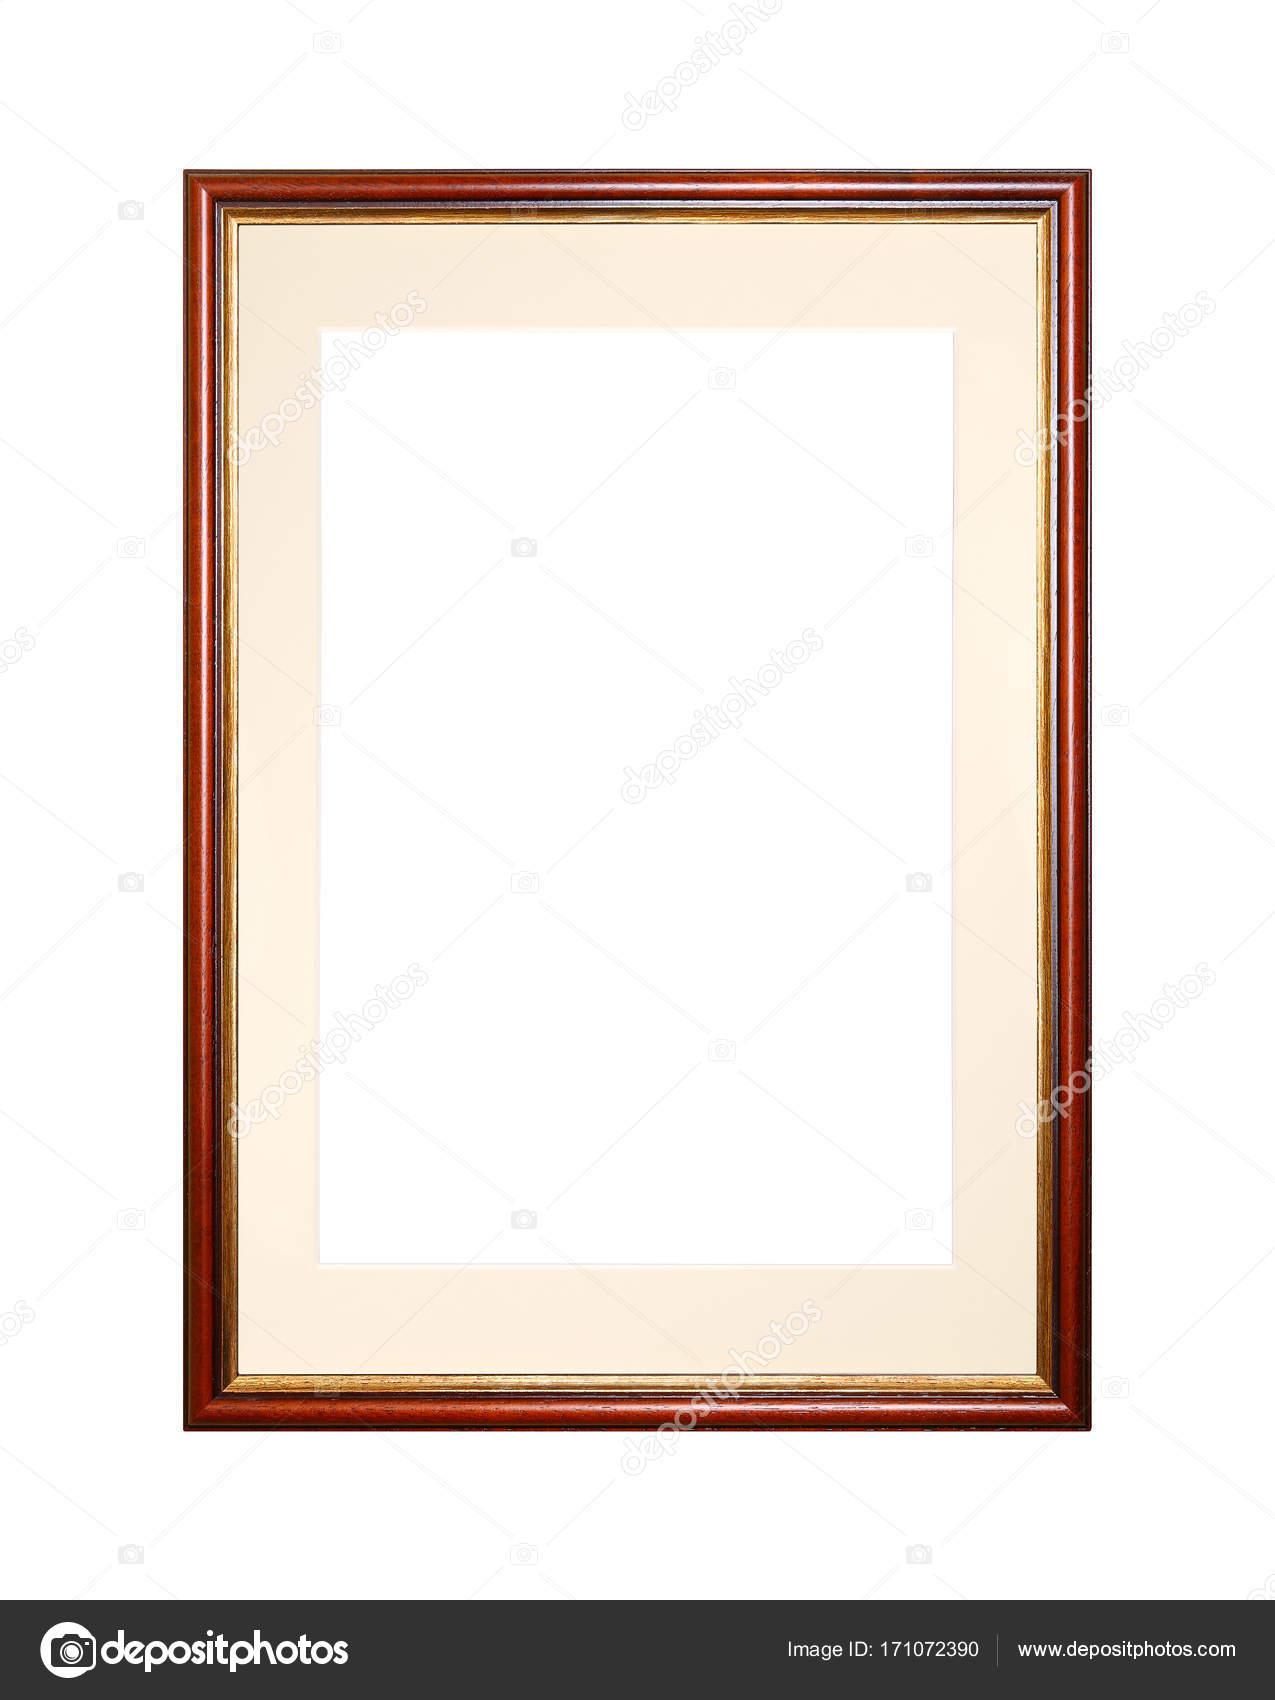 Marco de imagen o foto marrón con estera de cartón — Fotos de Stock ...